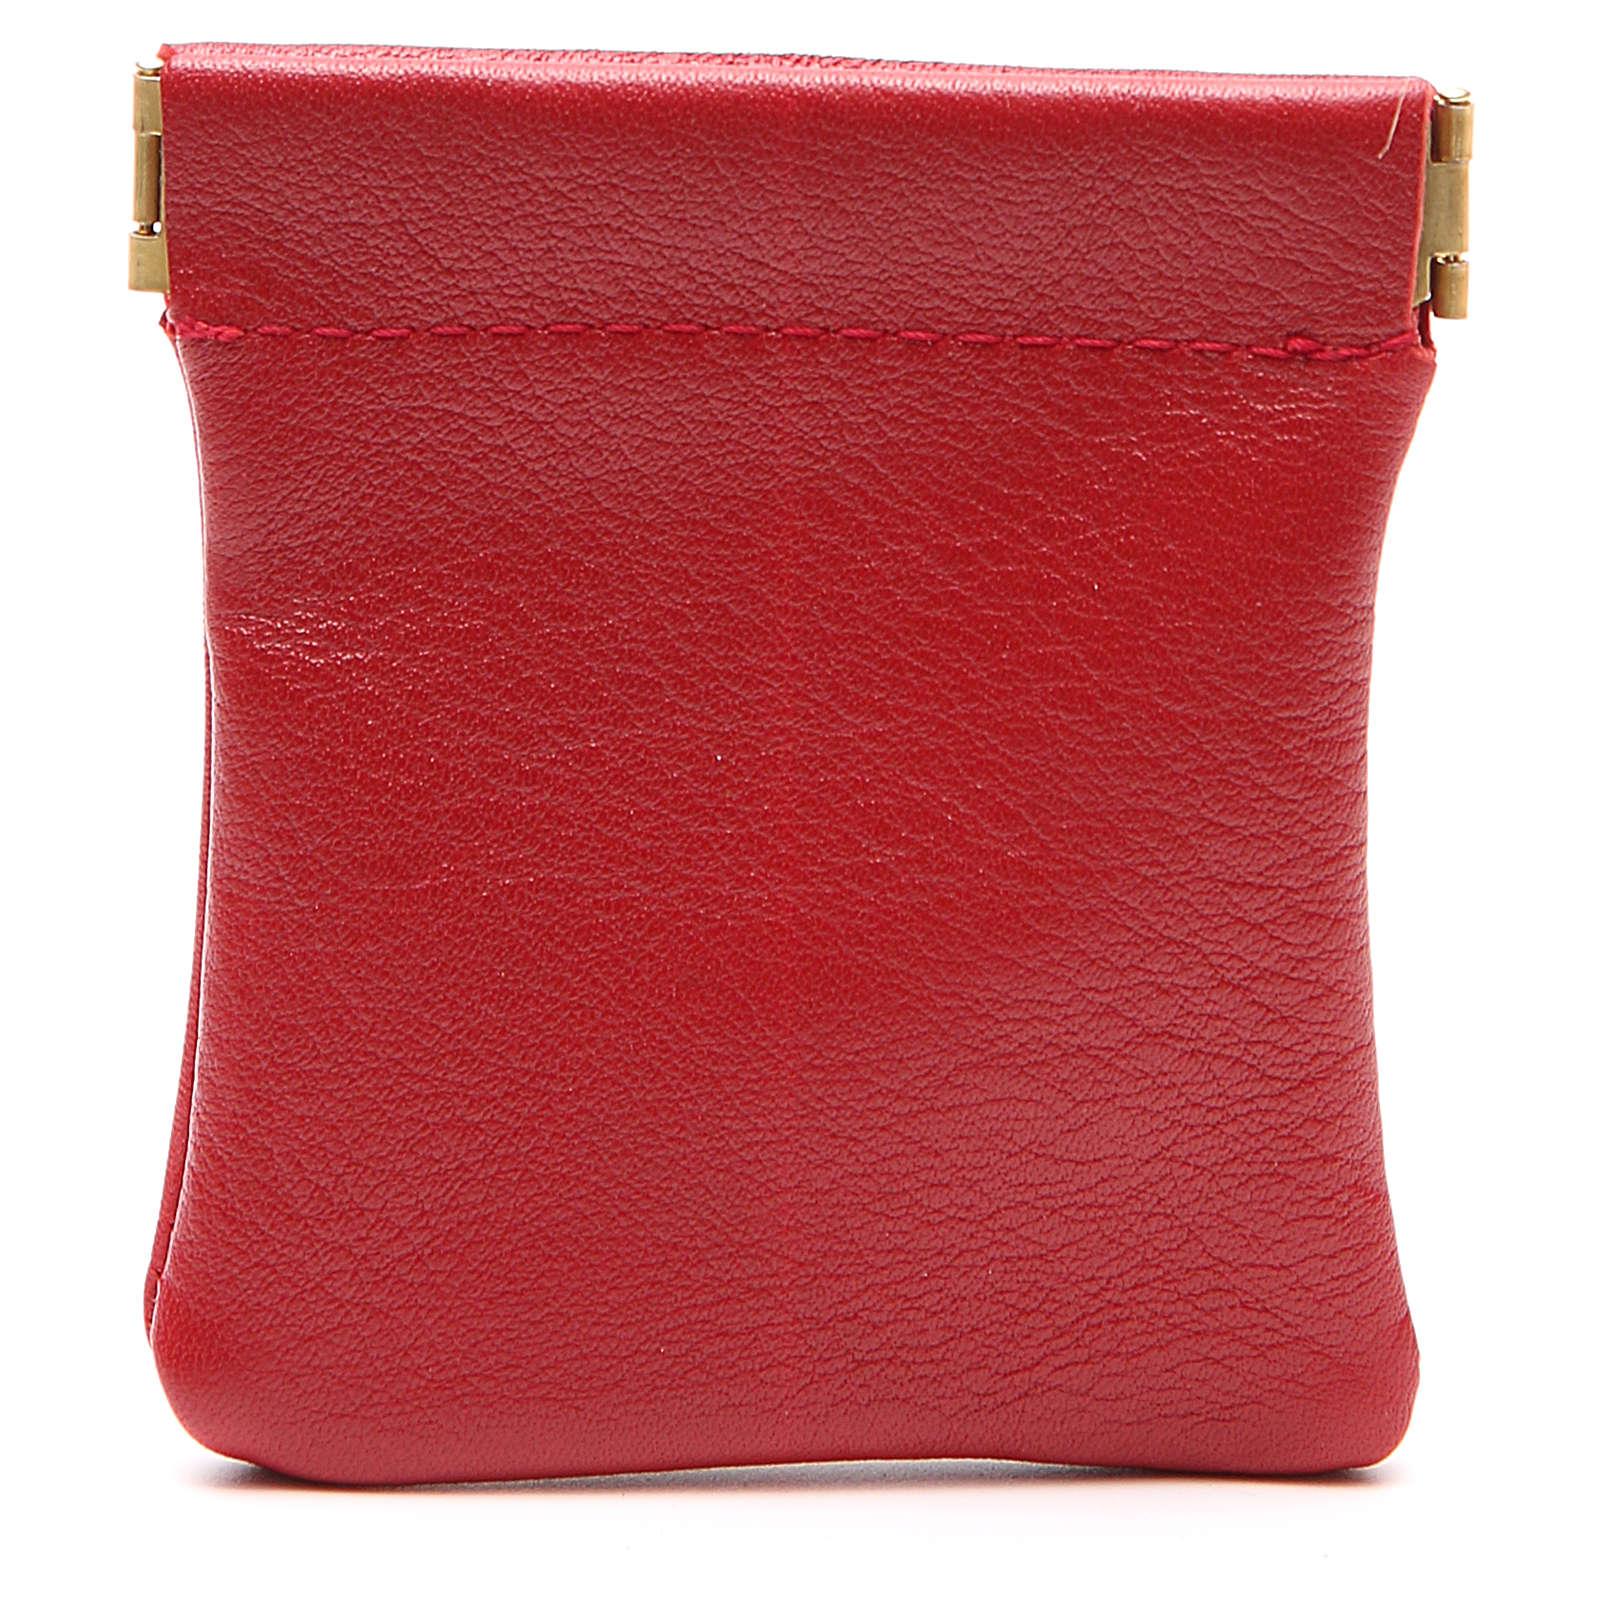 STOCK Portarosario de piel roja cierre clic-clac Jubileo 4